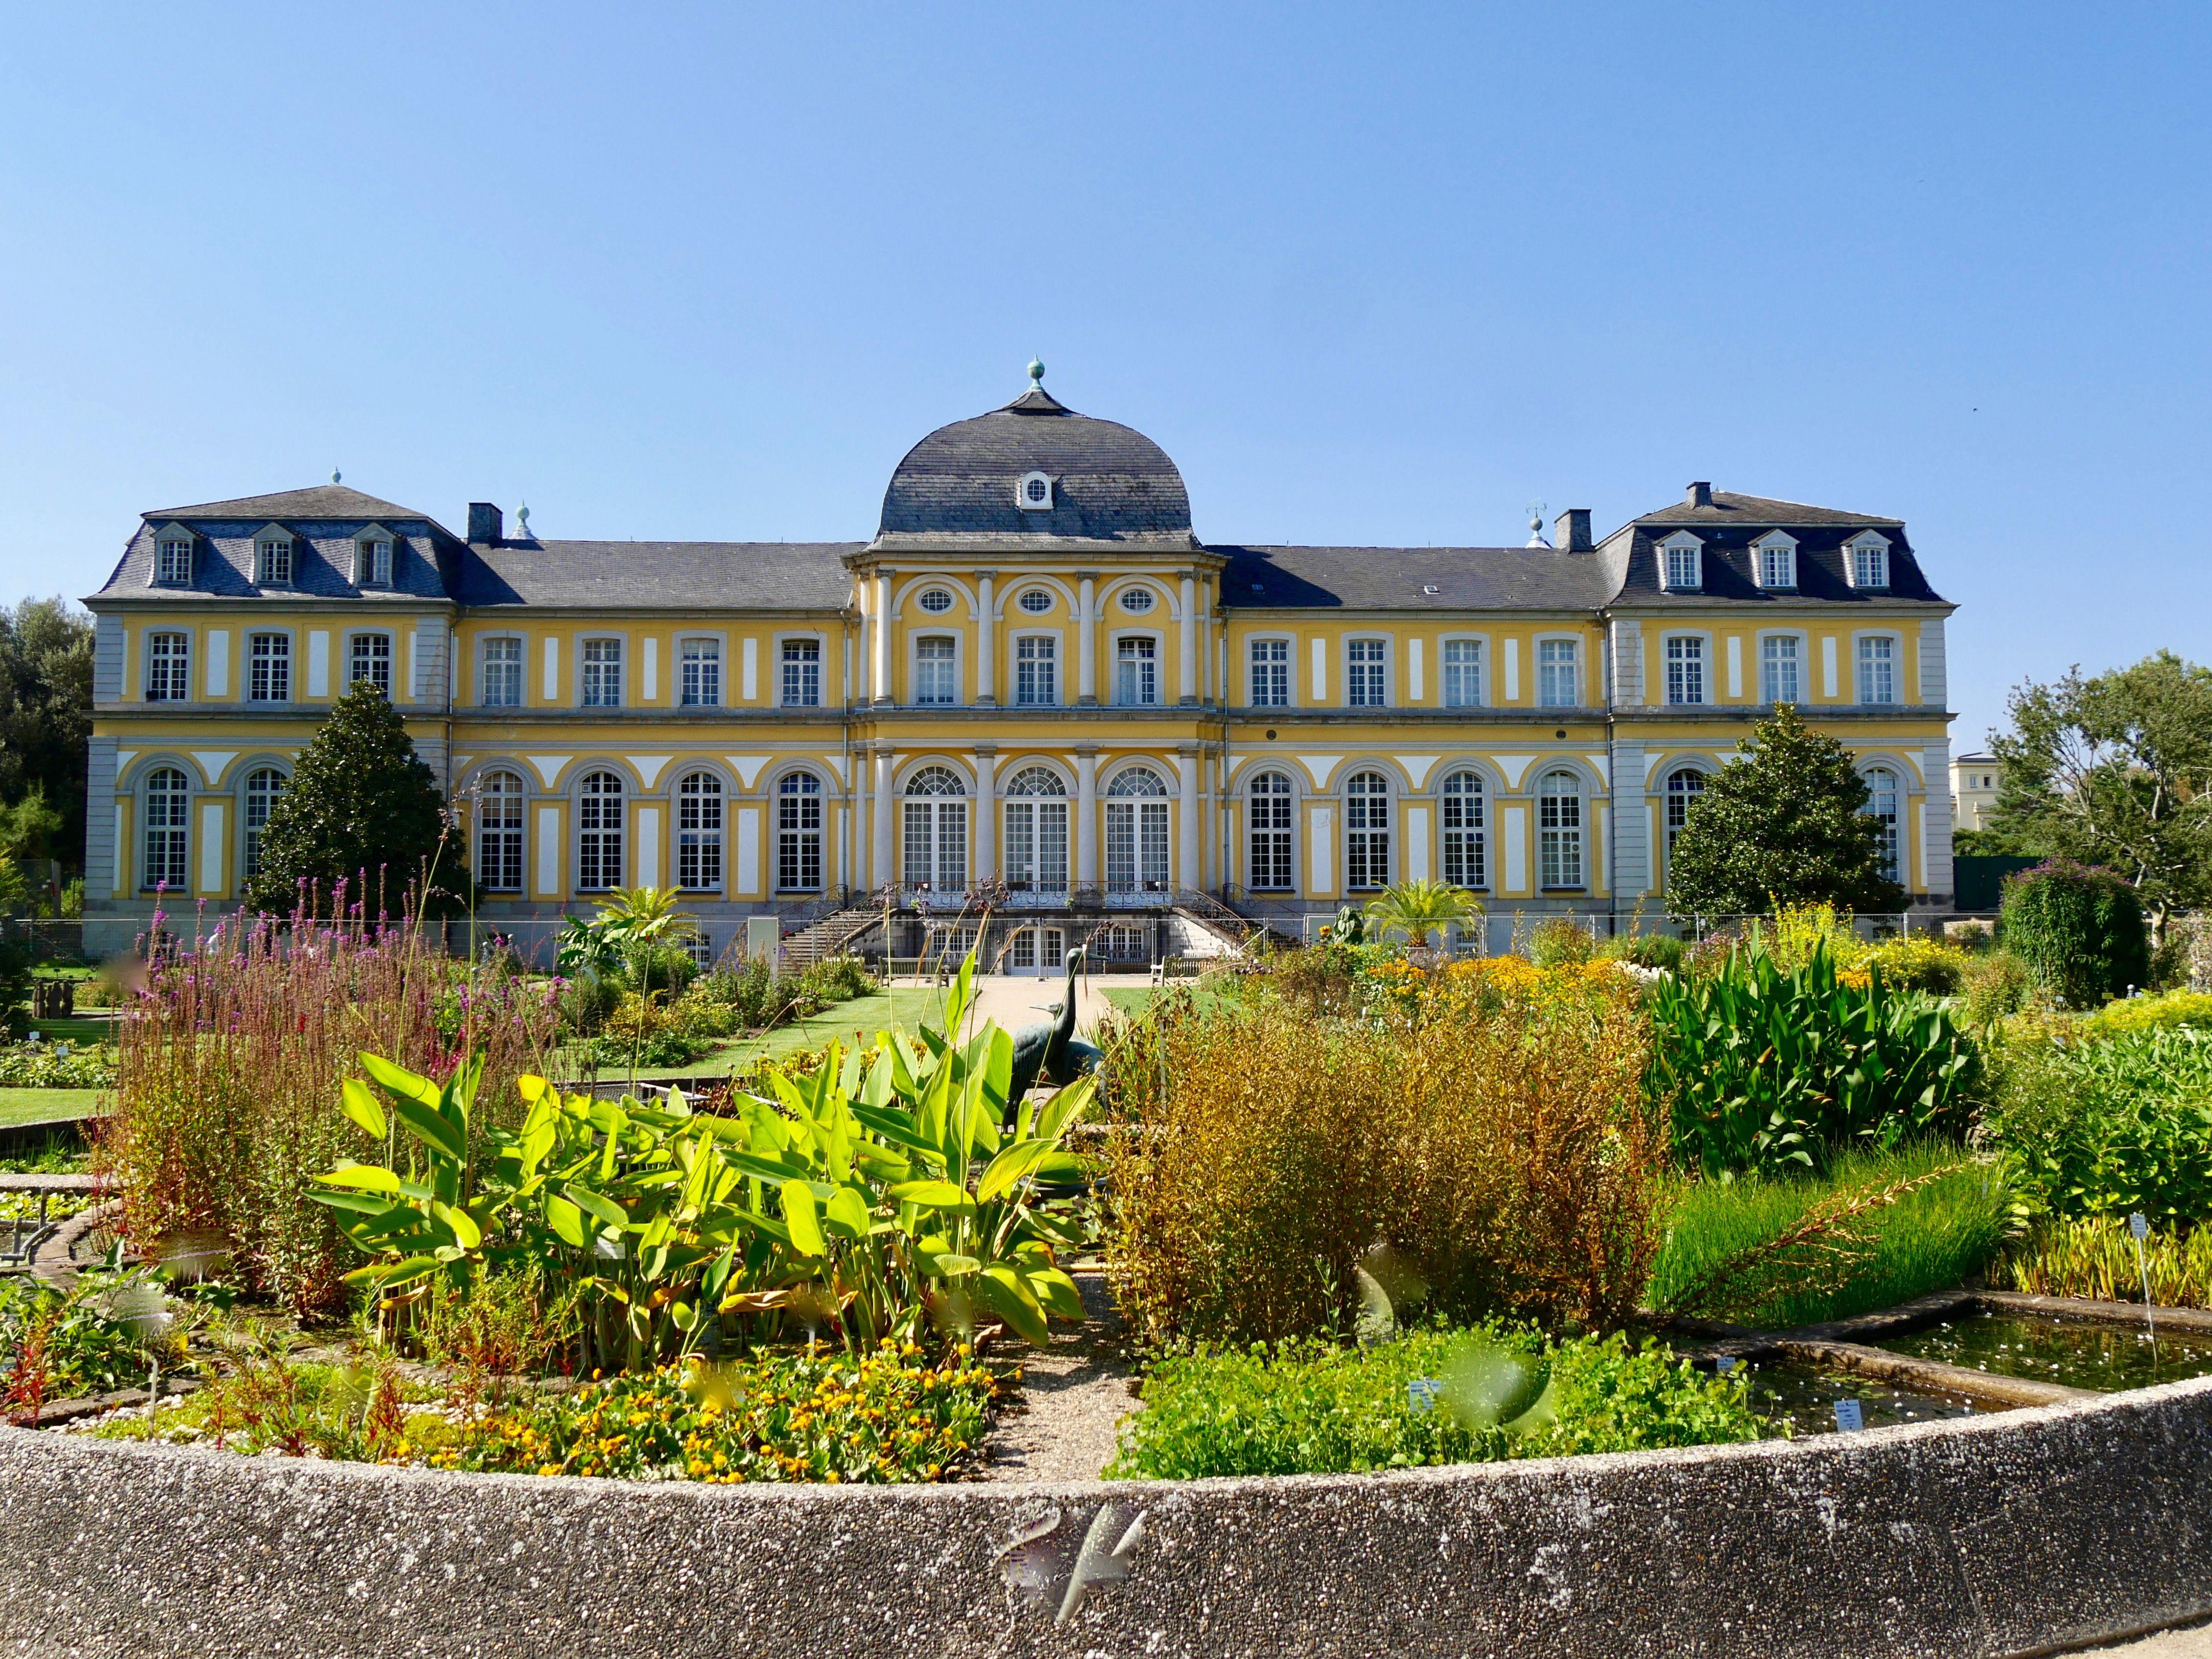 Botanischer Garten Bonn Botanischer Garten Bonn Poppelsdorfer Schloss Sehenswurdigkeiten Deutschland